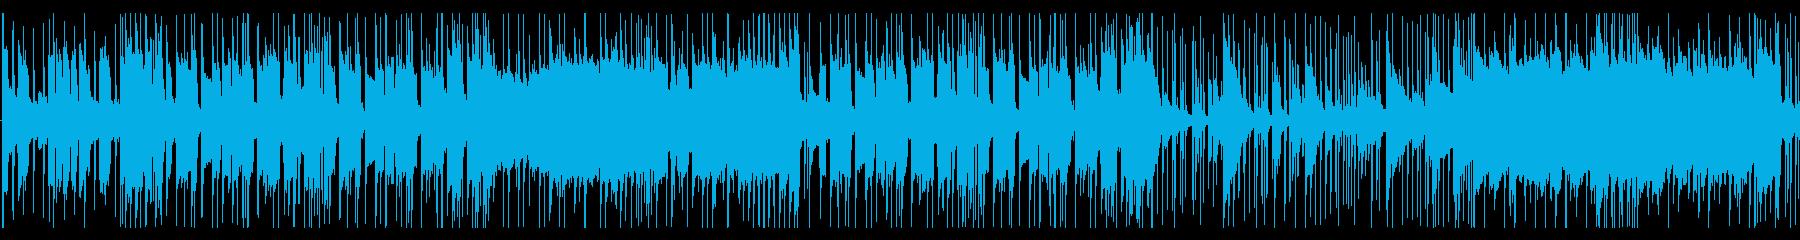 おしゃれなギターロック曲の再生済みの波形